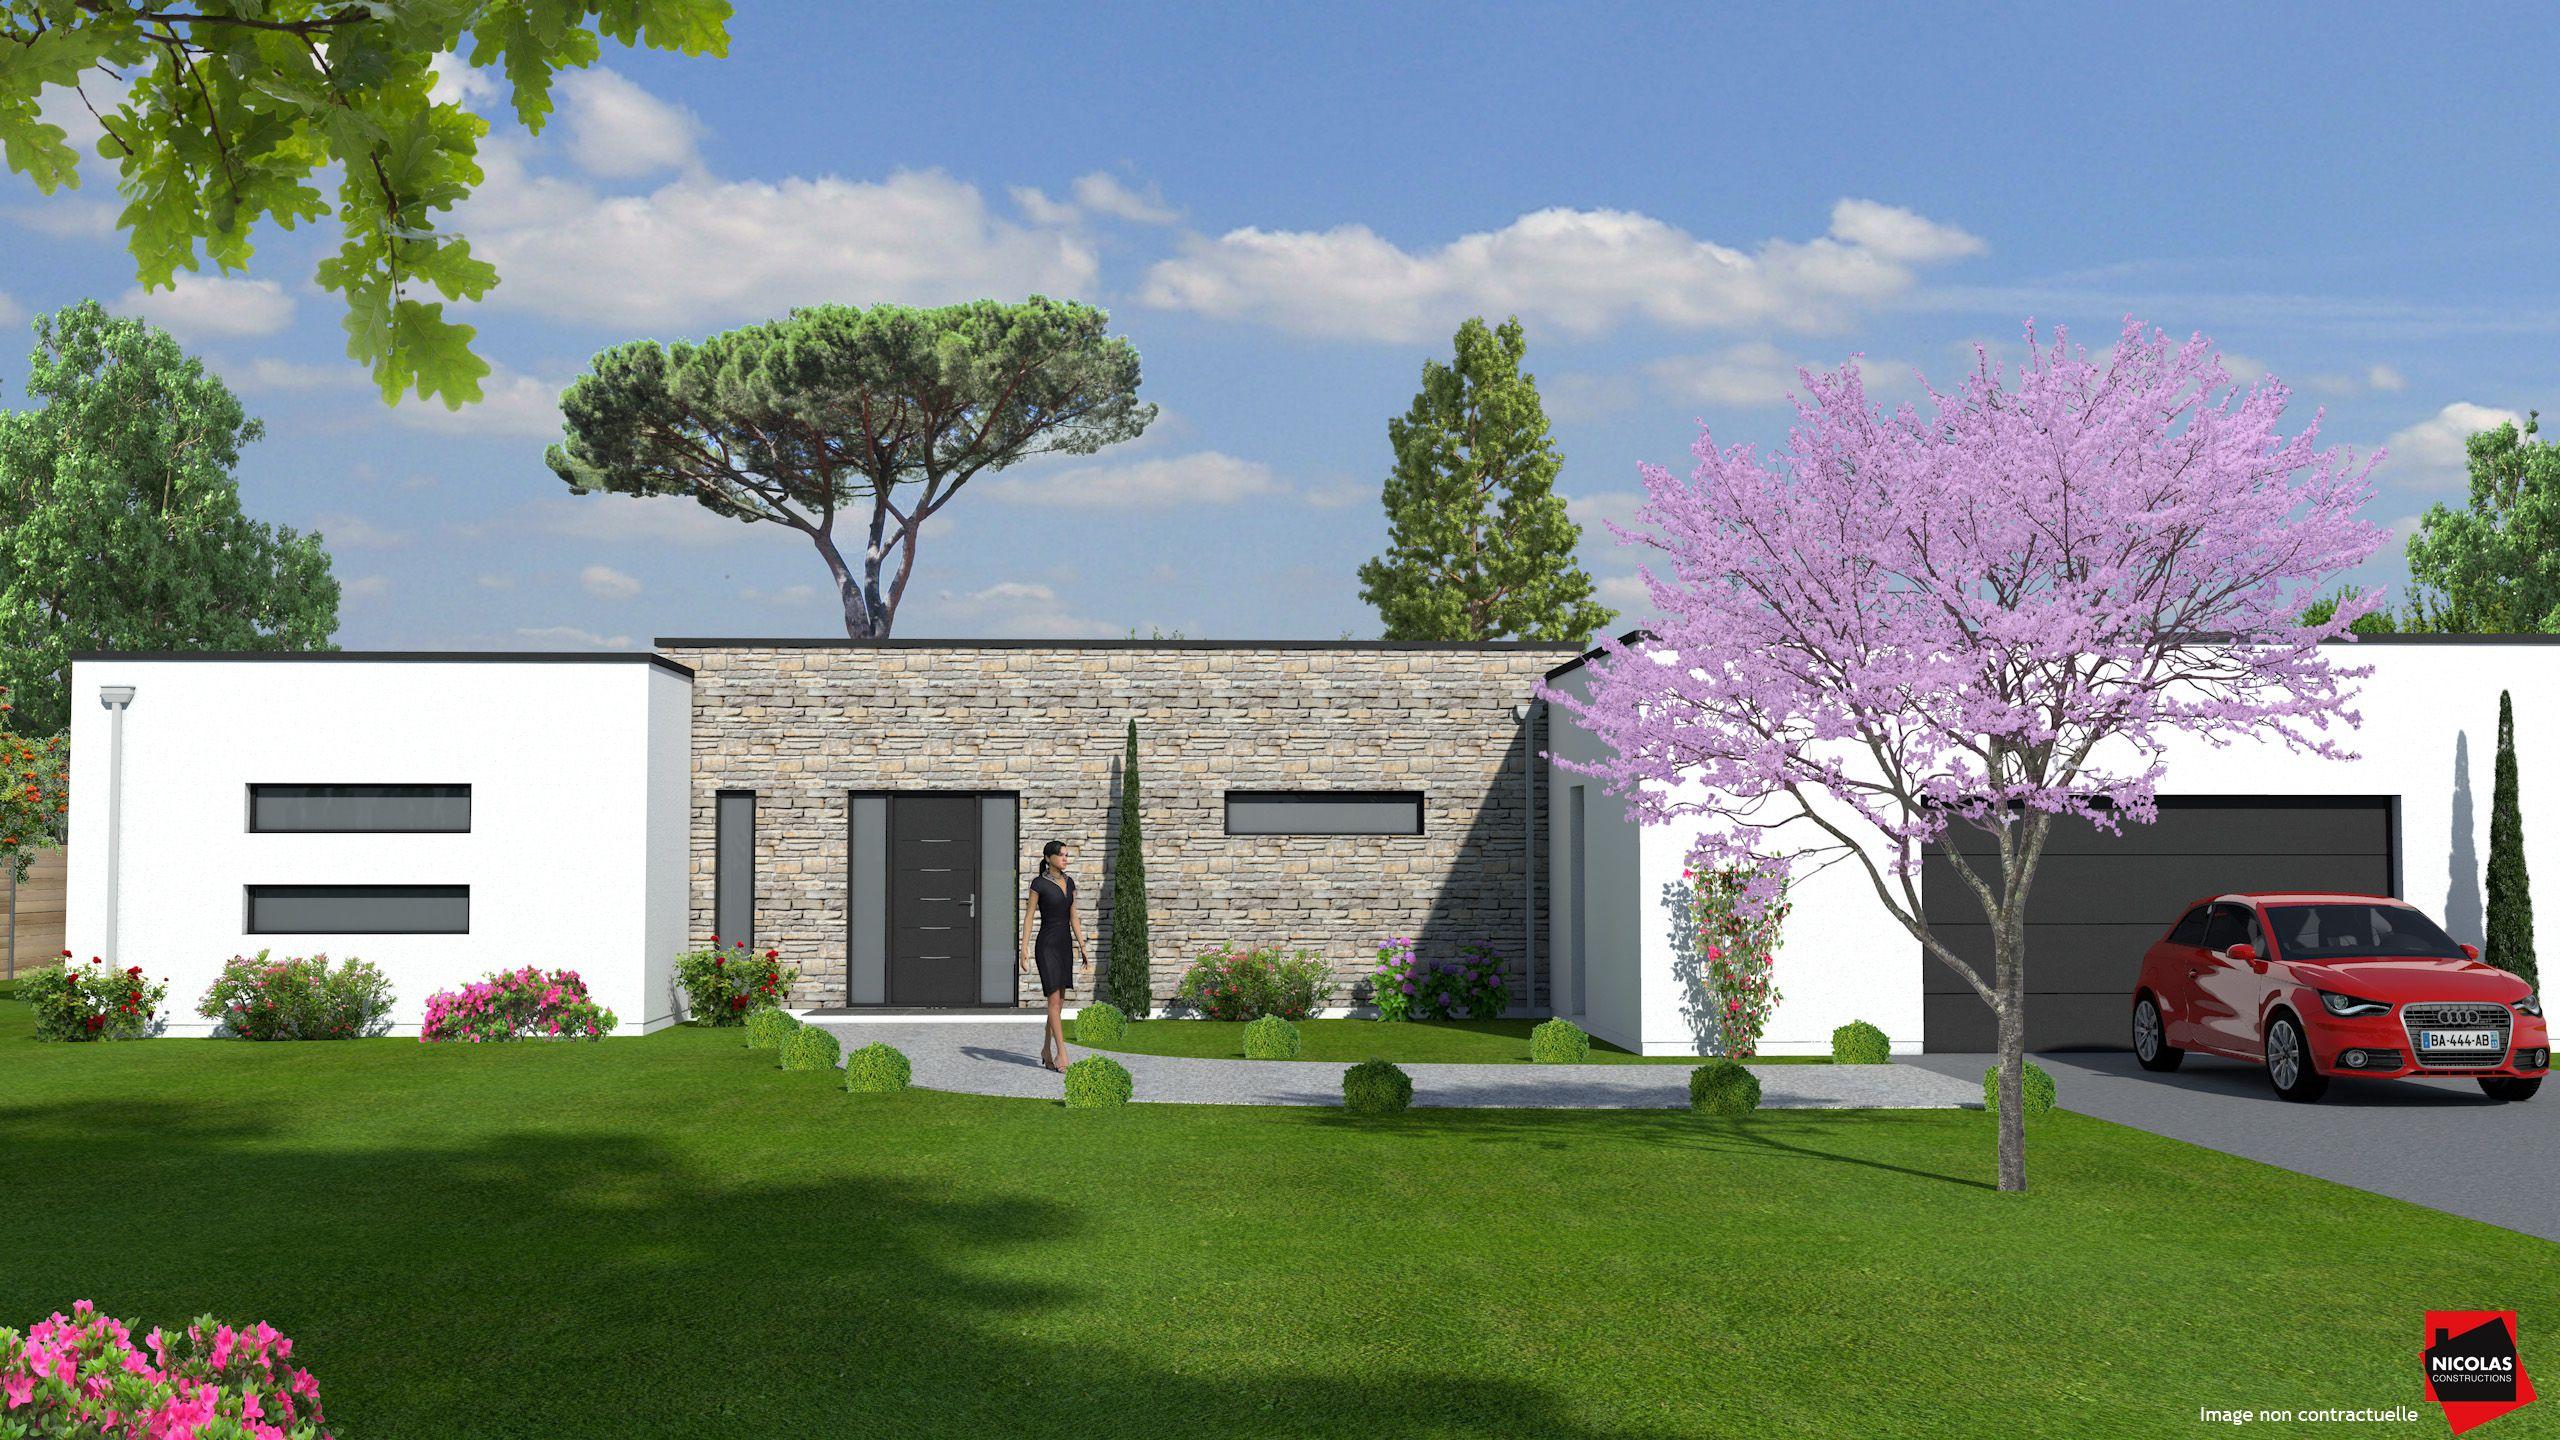 Maison en toit terrasse de 151 m² constructeur nicolas constructions image réalisée avec